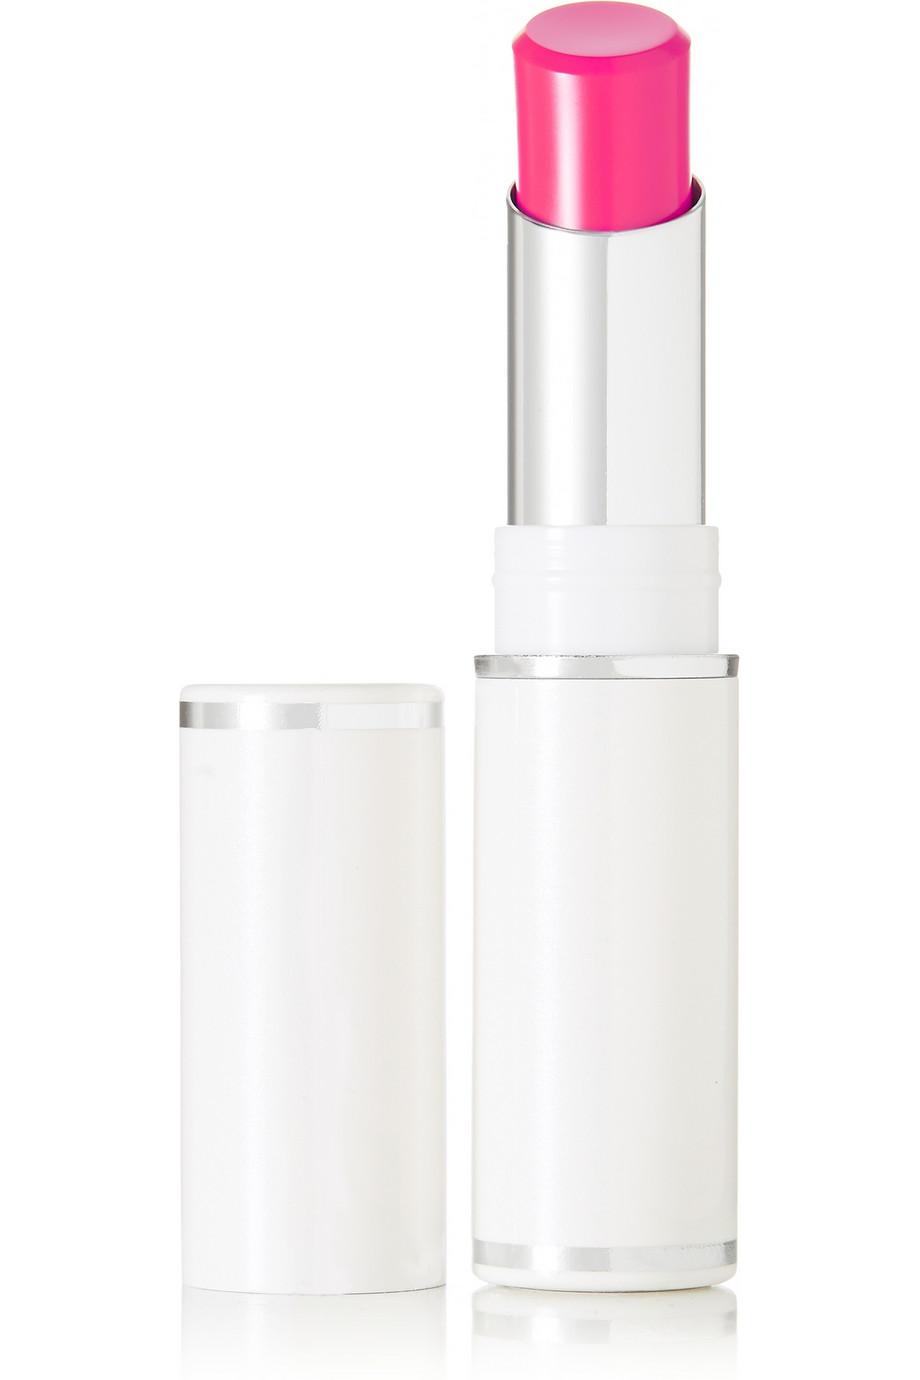 lancome Shine Lover Lipstick - Effortless Pink 323